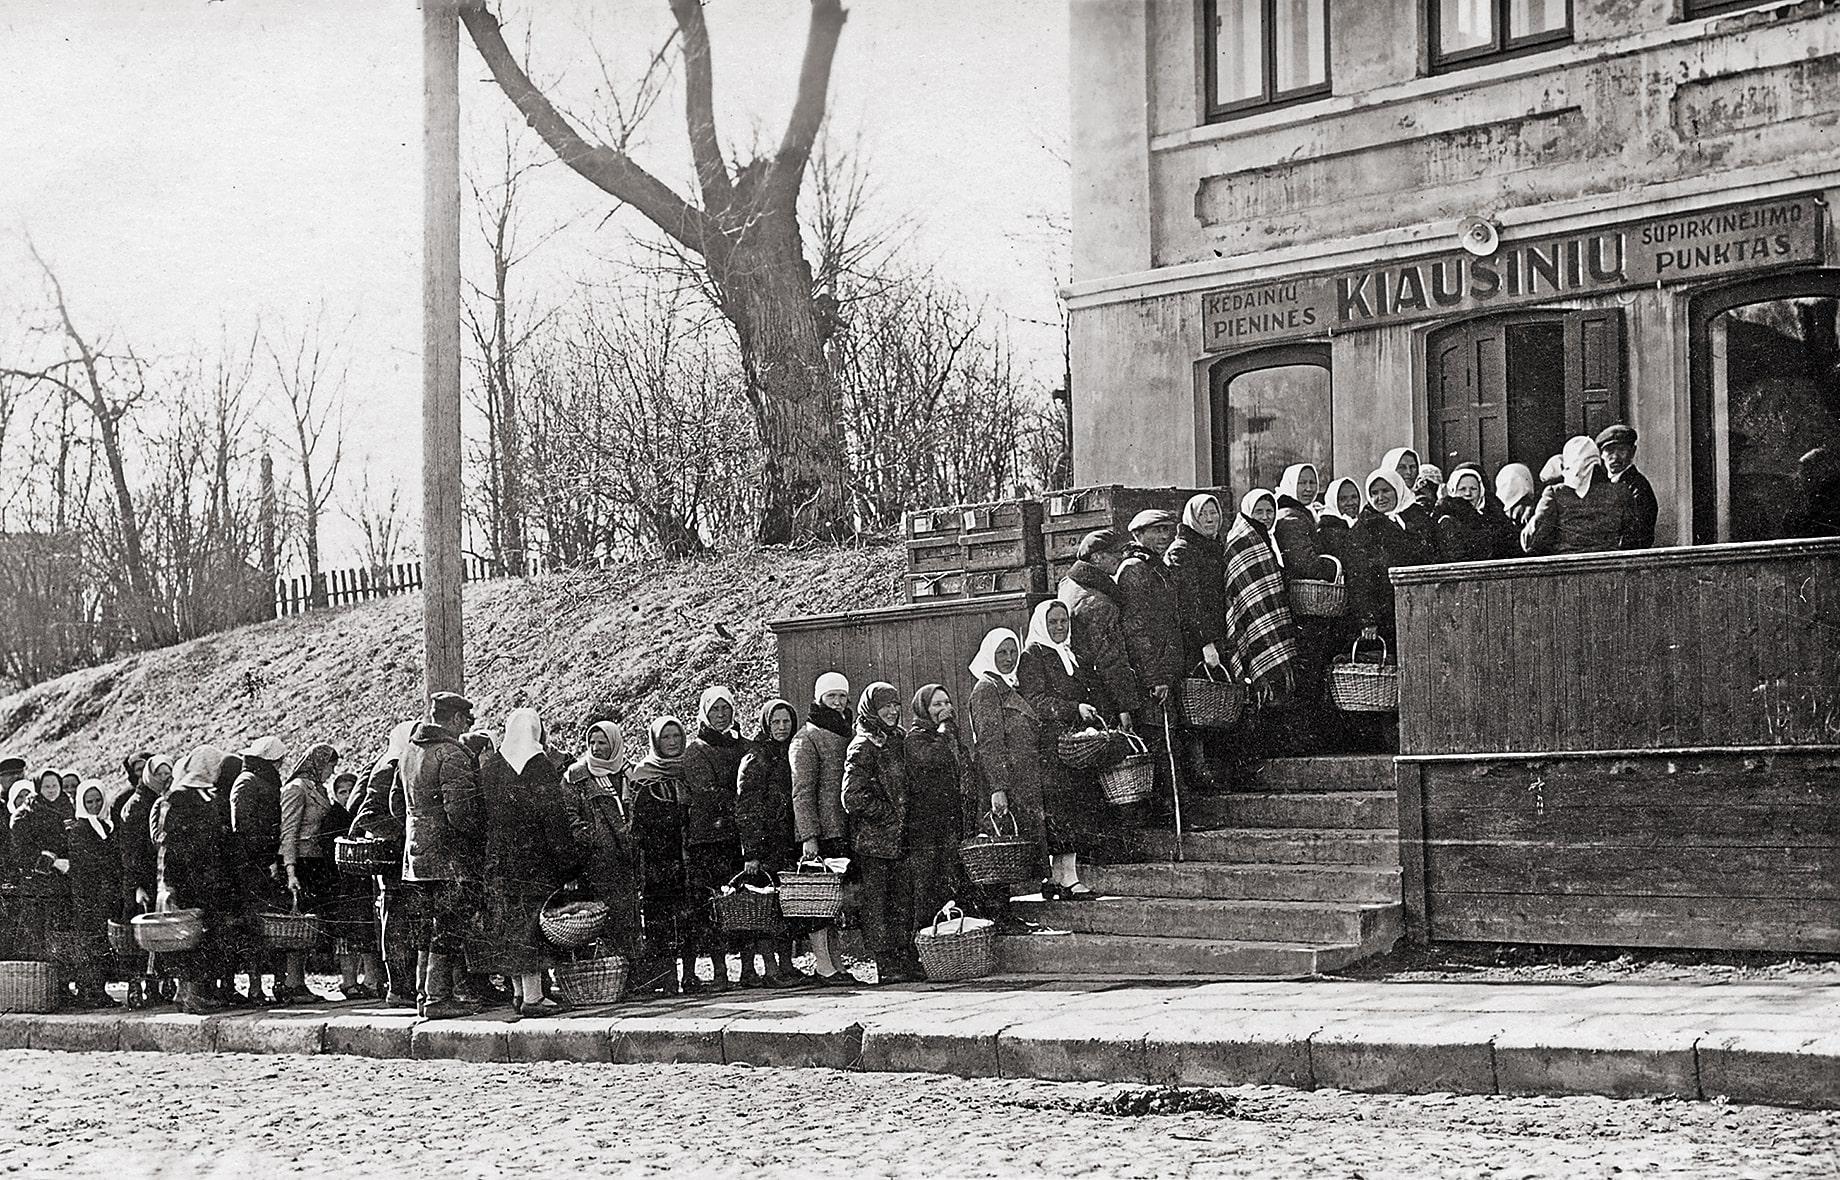 Eilė prie Kėdainių pieninės kiaušinių supirkimo punkto Gedimino gatvėje, 1938 m.